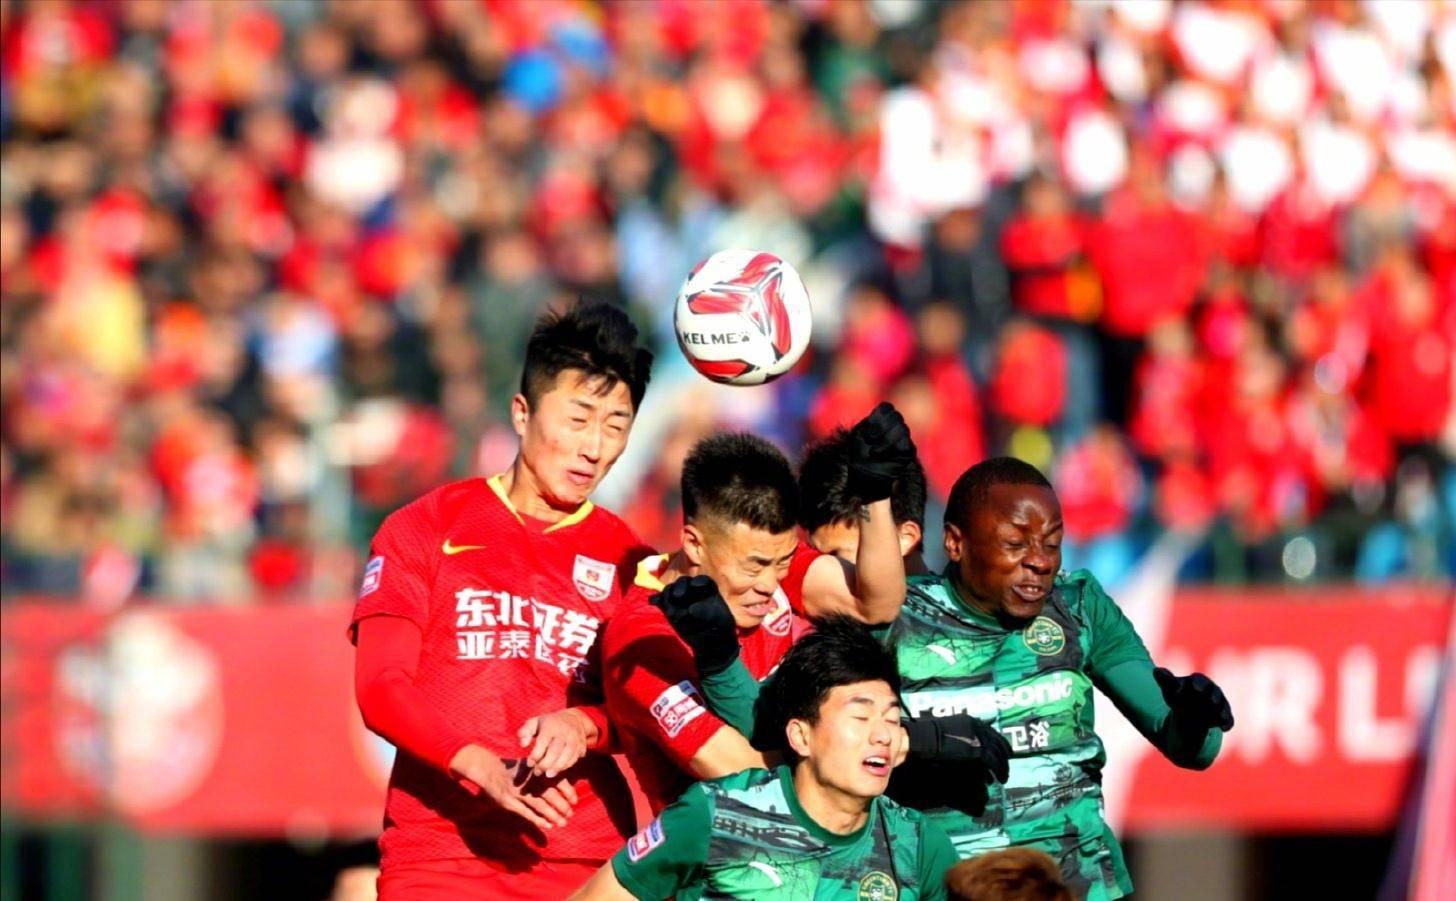 曾经拒绝加入上海申花,但现在在中甲踢